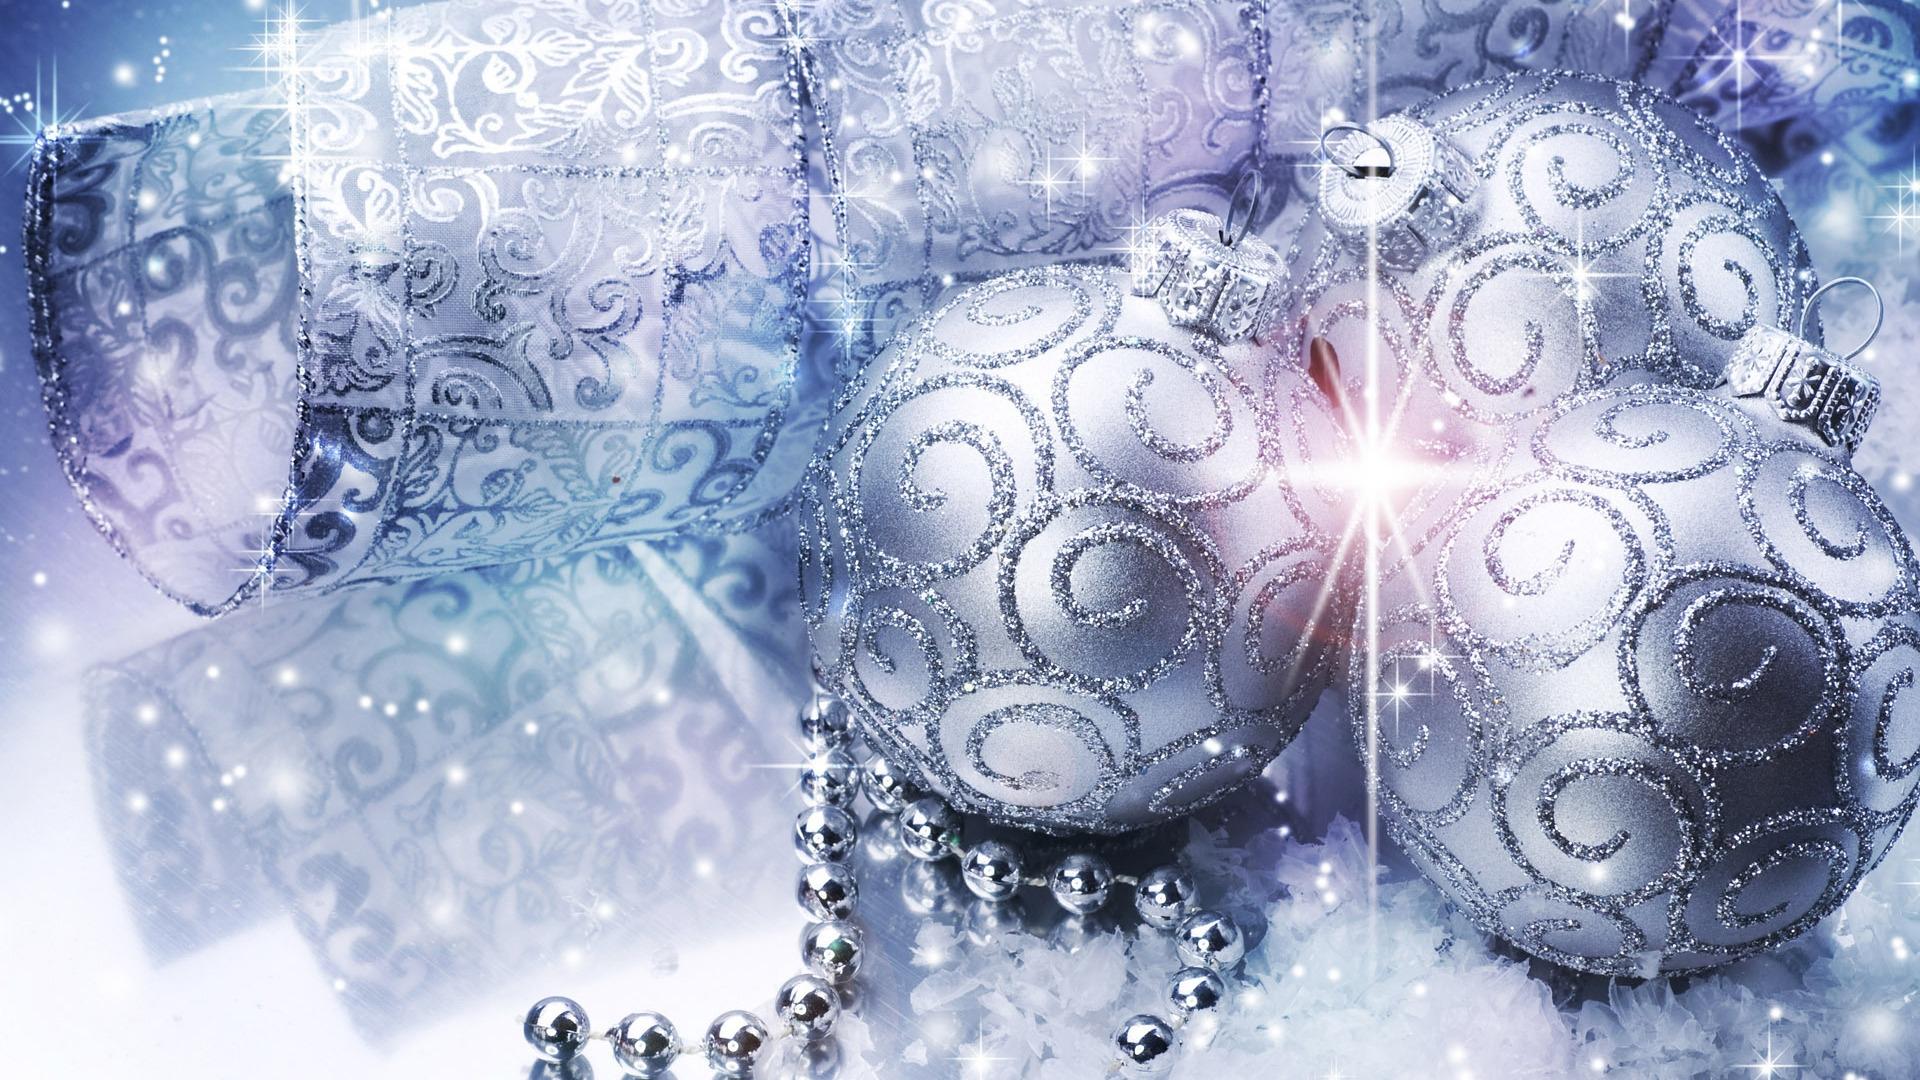 34117 Заставки и Обои Новый Год (New Year) на телефон. Скачать Новый Год (New Year), Фон картинки бесплатно